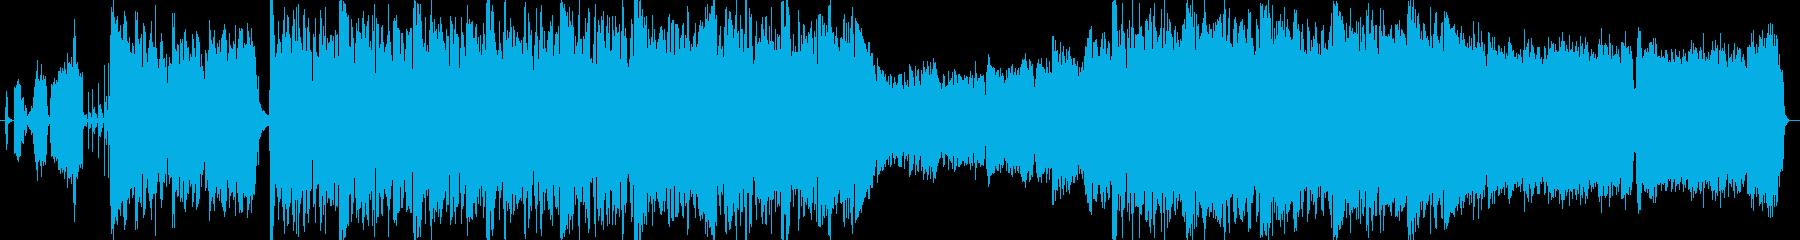 激しい曲調とリズムのオーケストラサウンドの再生済みの波形